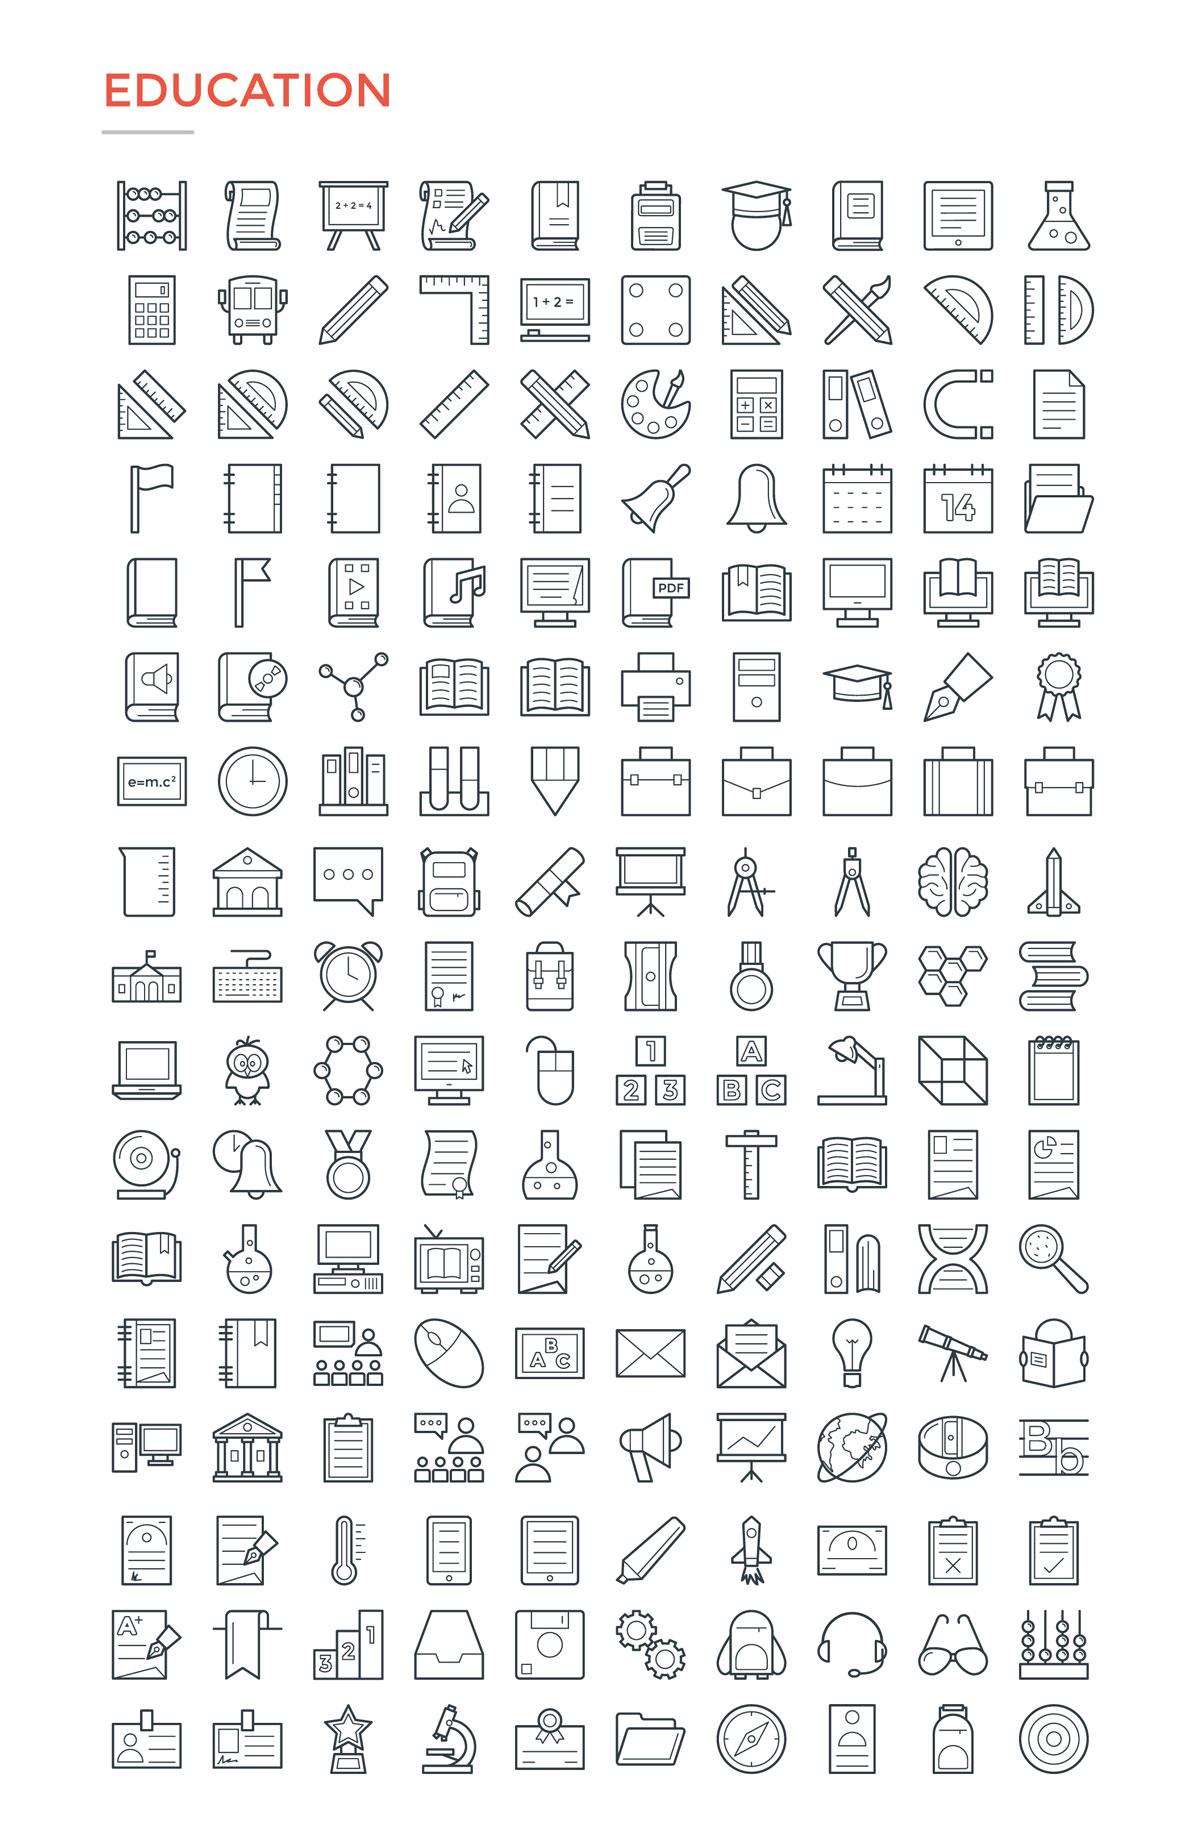 4800款独特的矢量图标合集 4800 Line Icons插图4